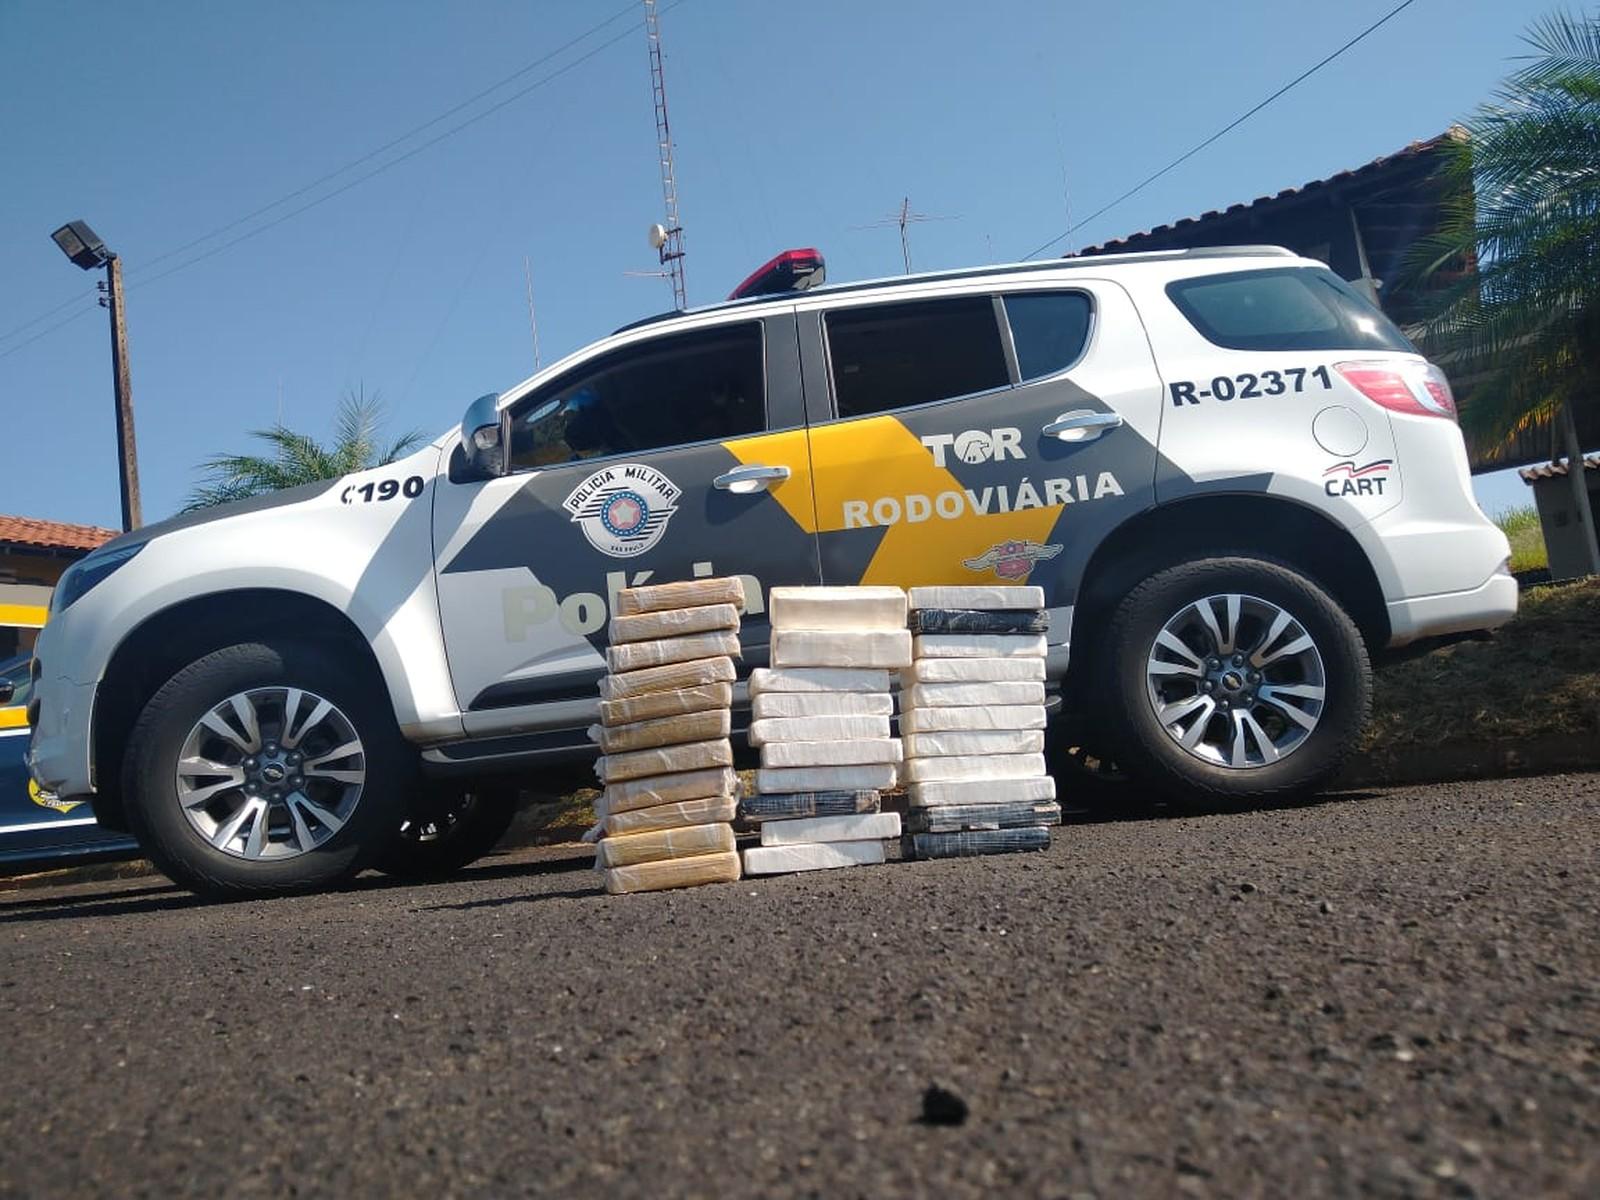 Tabletes de cocaína foram apreendidos na Raposo Tavares em Ourinhos — Foto: Polícia Rodoviária / Divulgação